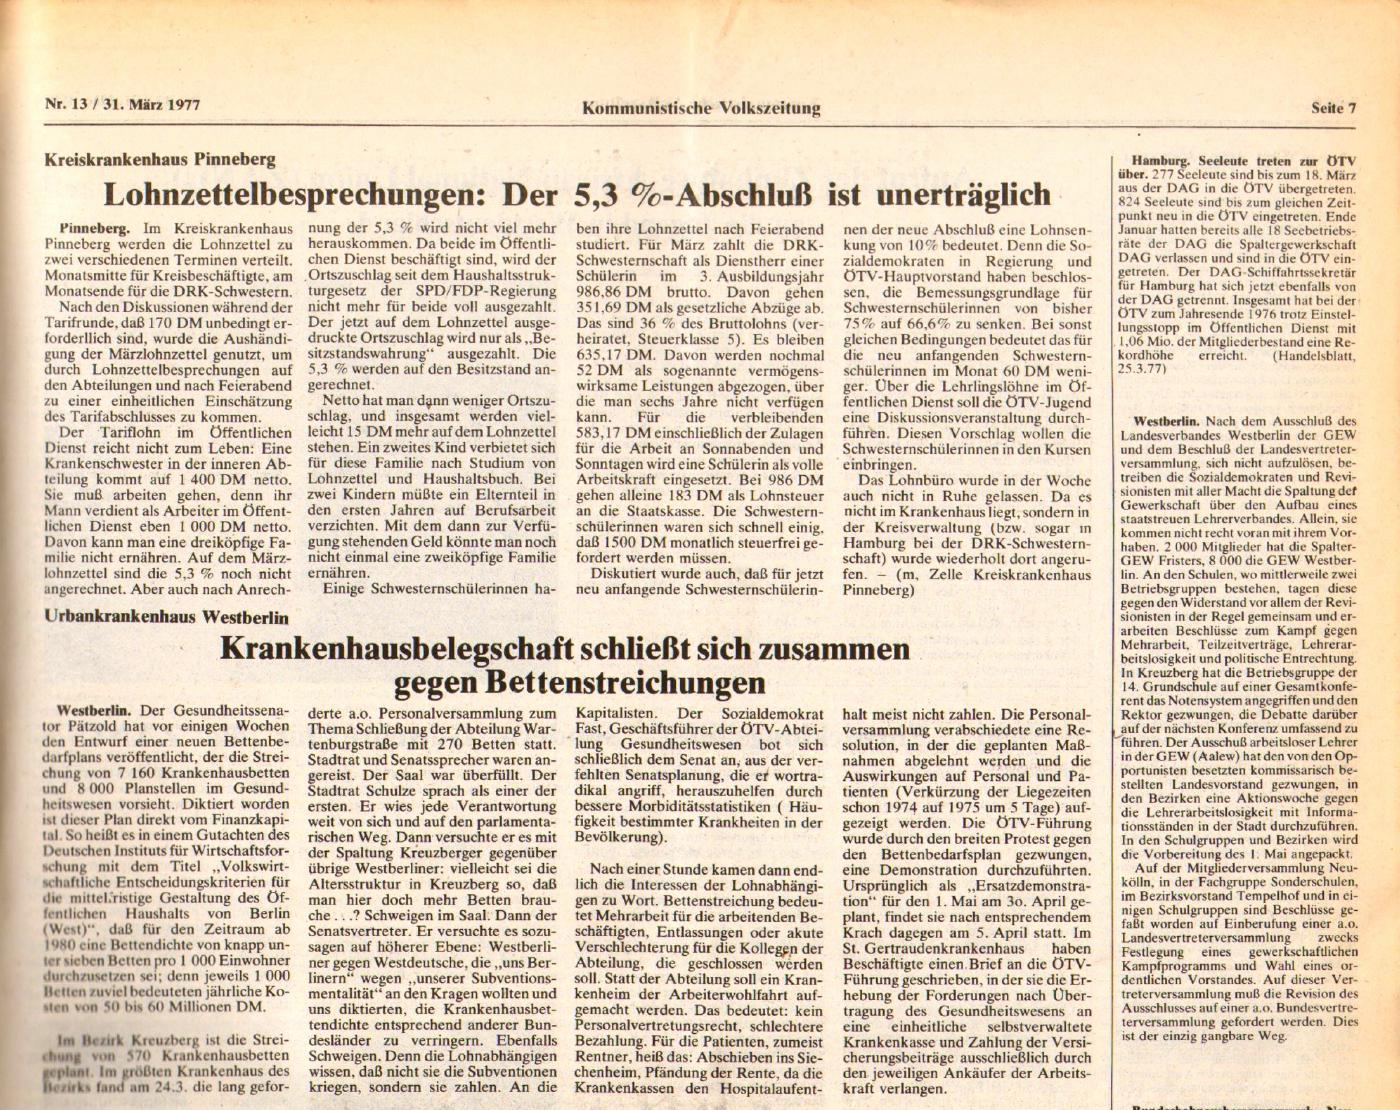 KVZ_Nord_1977_13_13